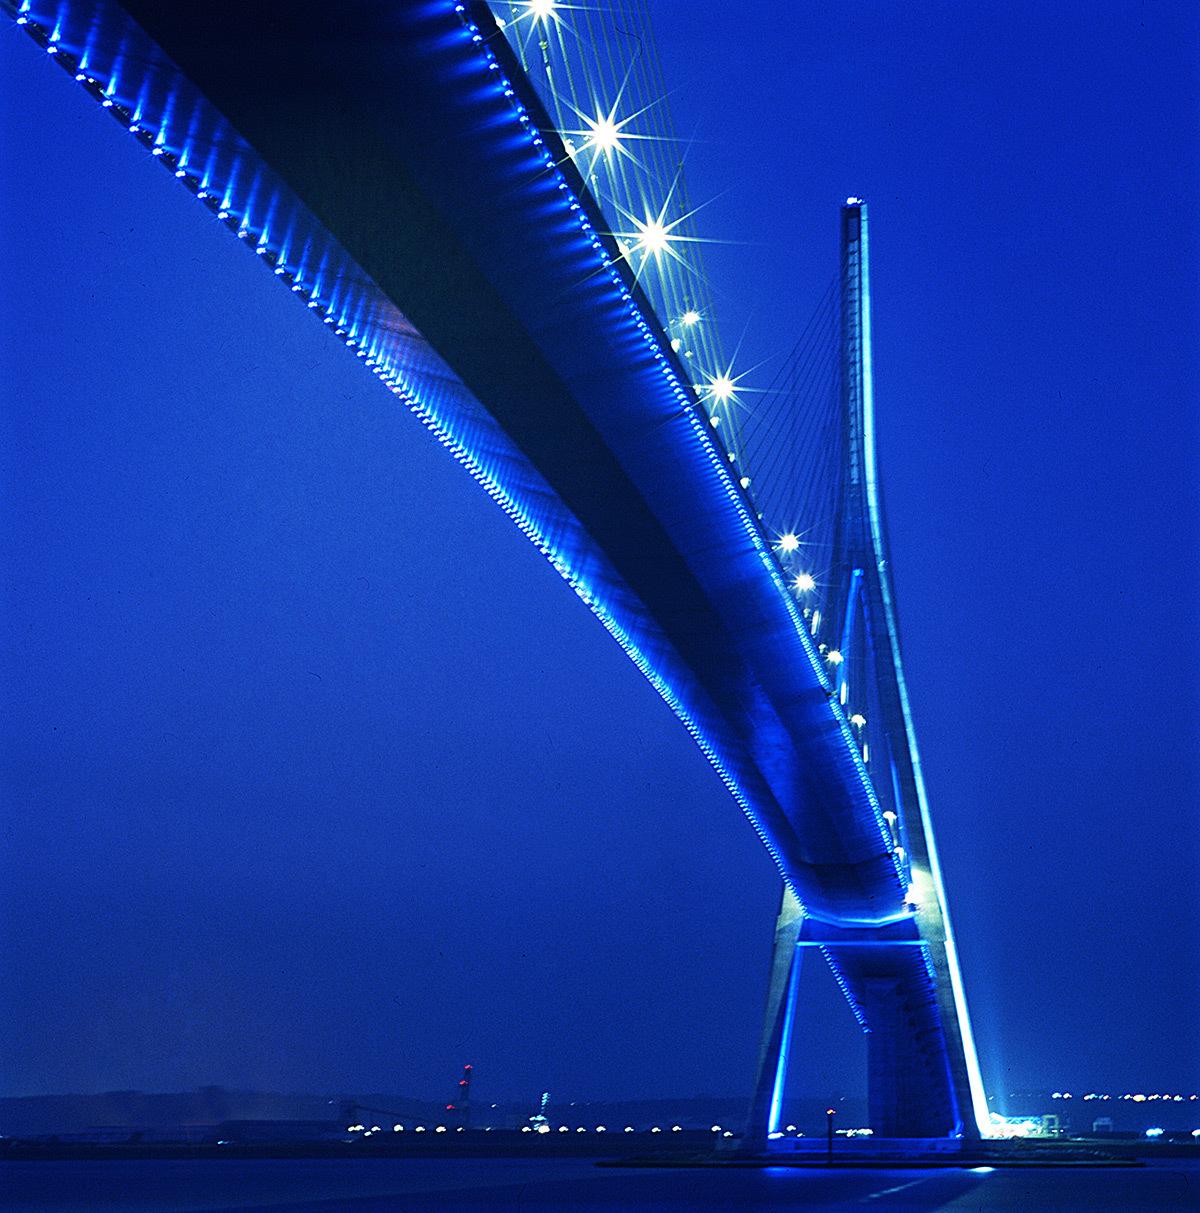 entre 2 pont de normandie le havre honfleur light zoom lumi re le portail de la lumi re et. Black Bedroom Furniture Sets. Home Design Ideas